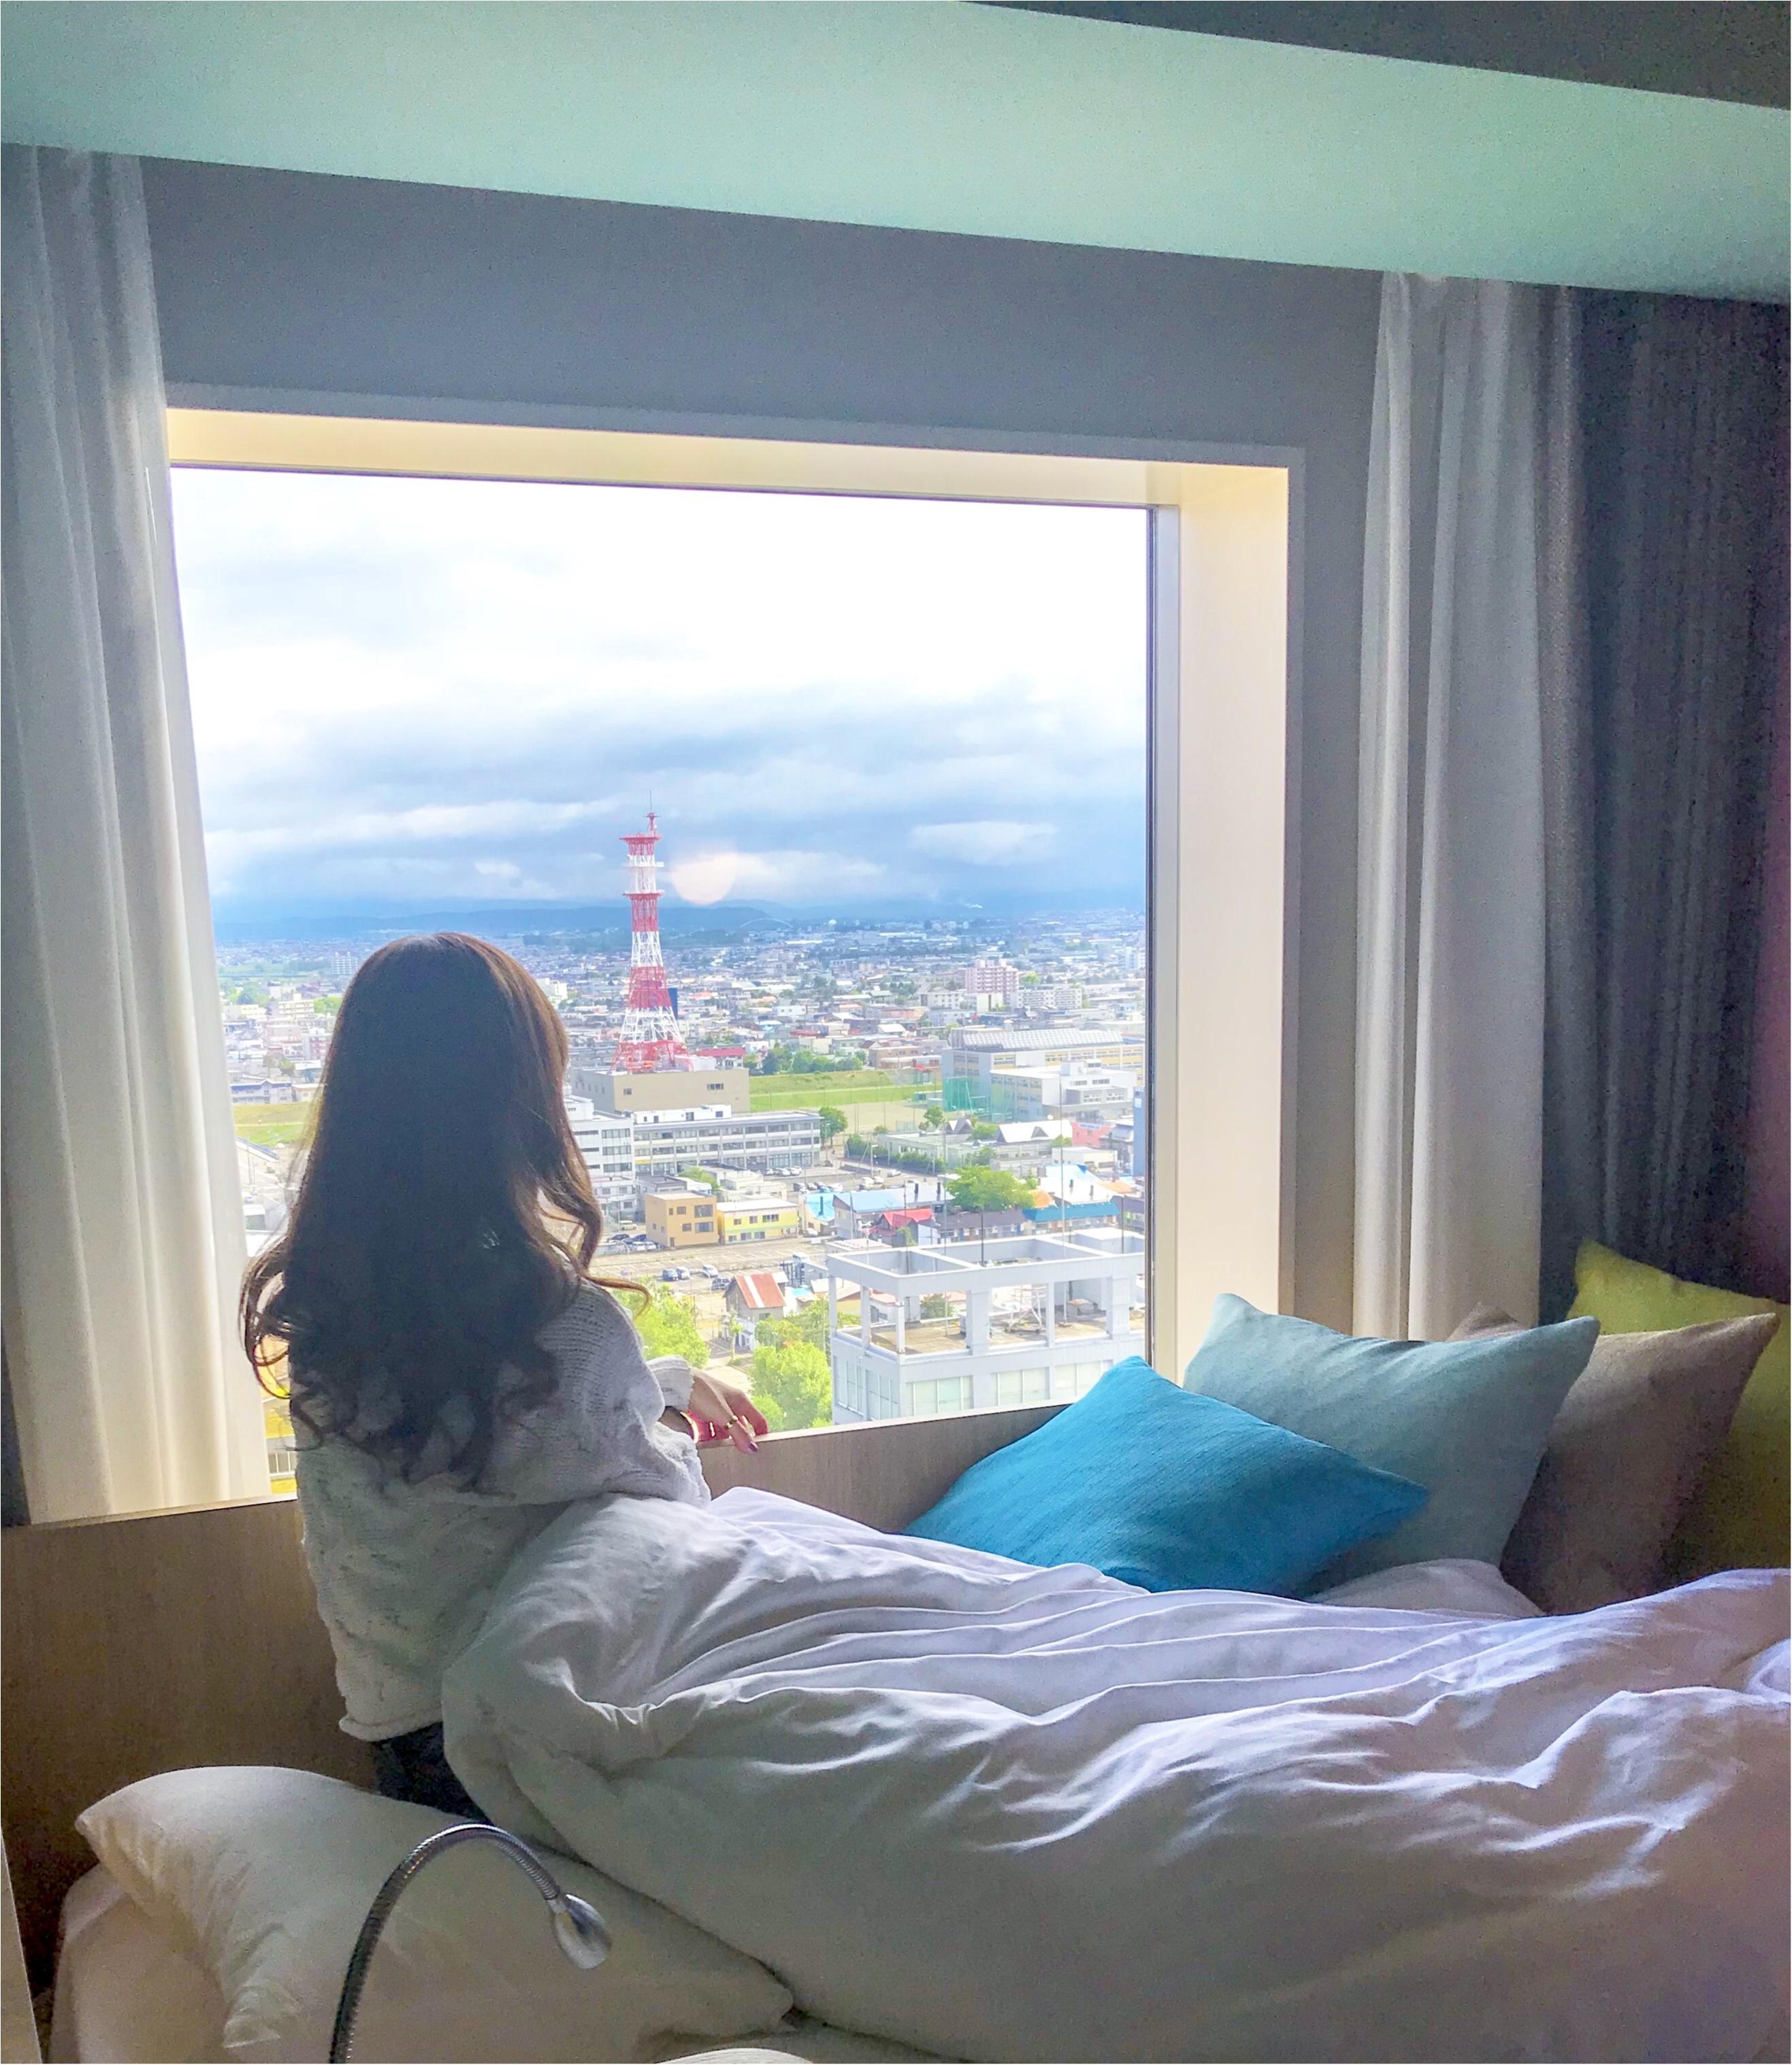 おしゃれなホテル特集 - 全国版 | ゴールデンウィークや連休の女子旅、国内旅行で泊まりたい宿まとめ_111